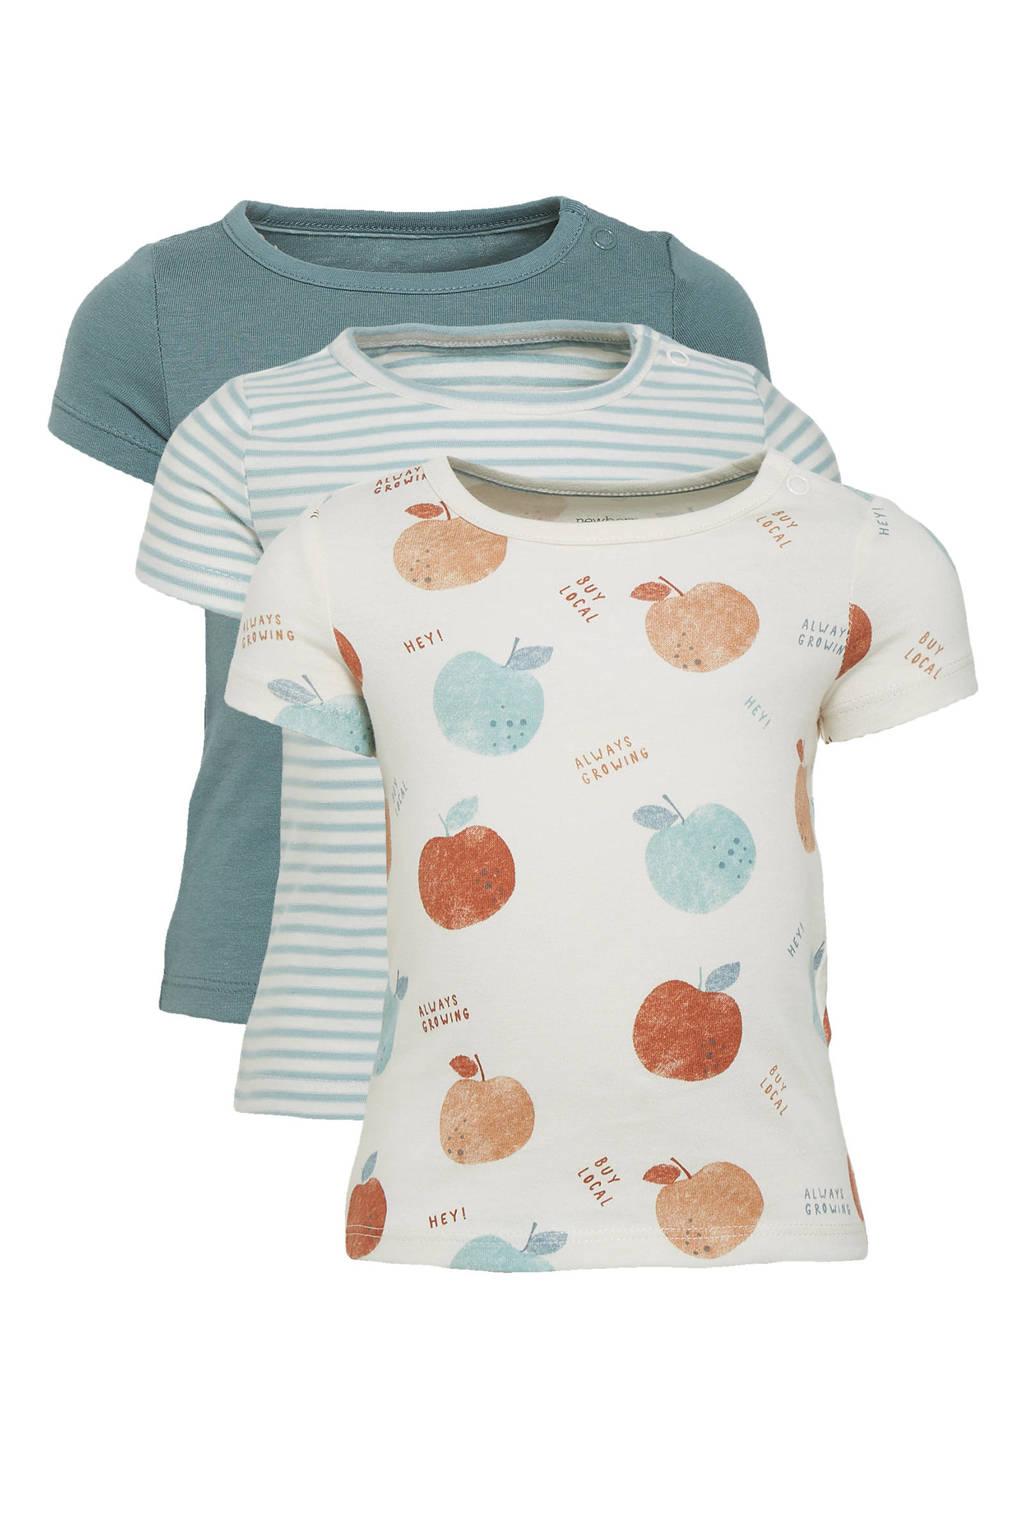 C&A Baby Club T-shirt - set van 3 grijsgroen/ecru, Grijsgroen/ecru